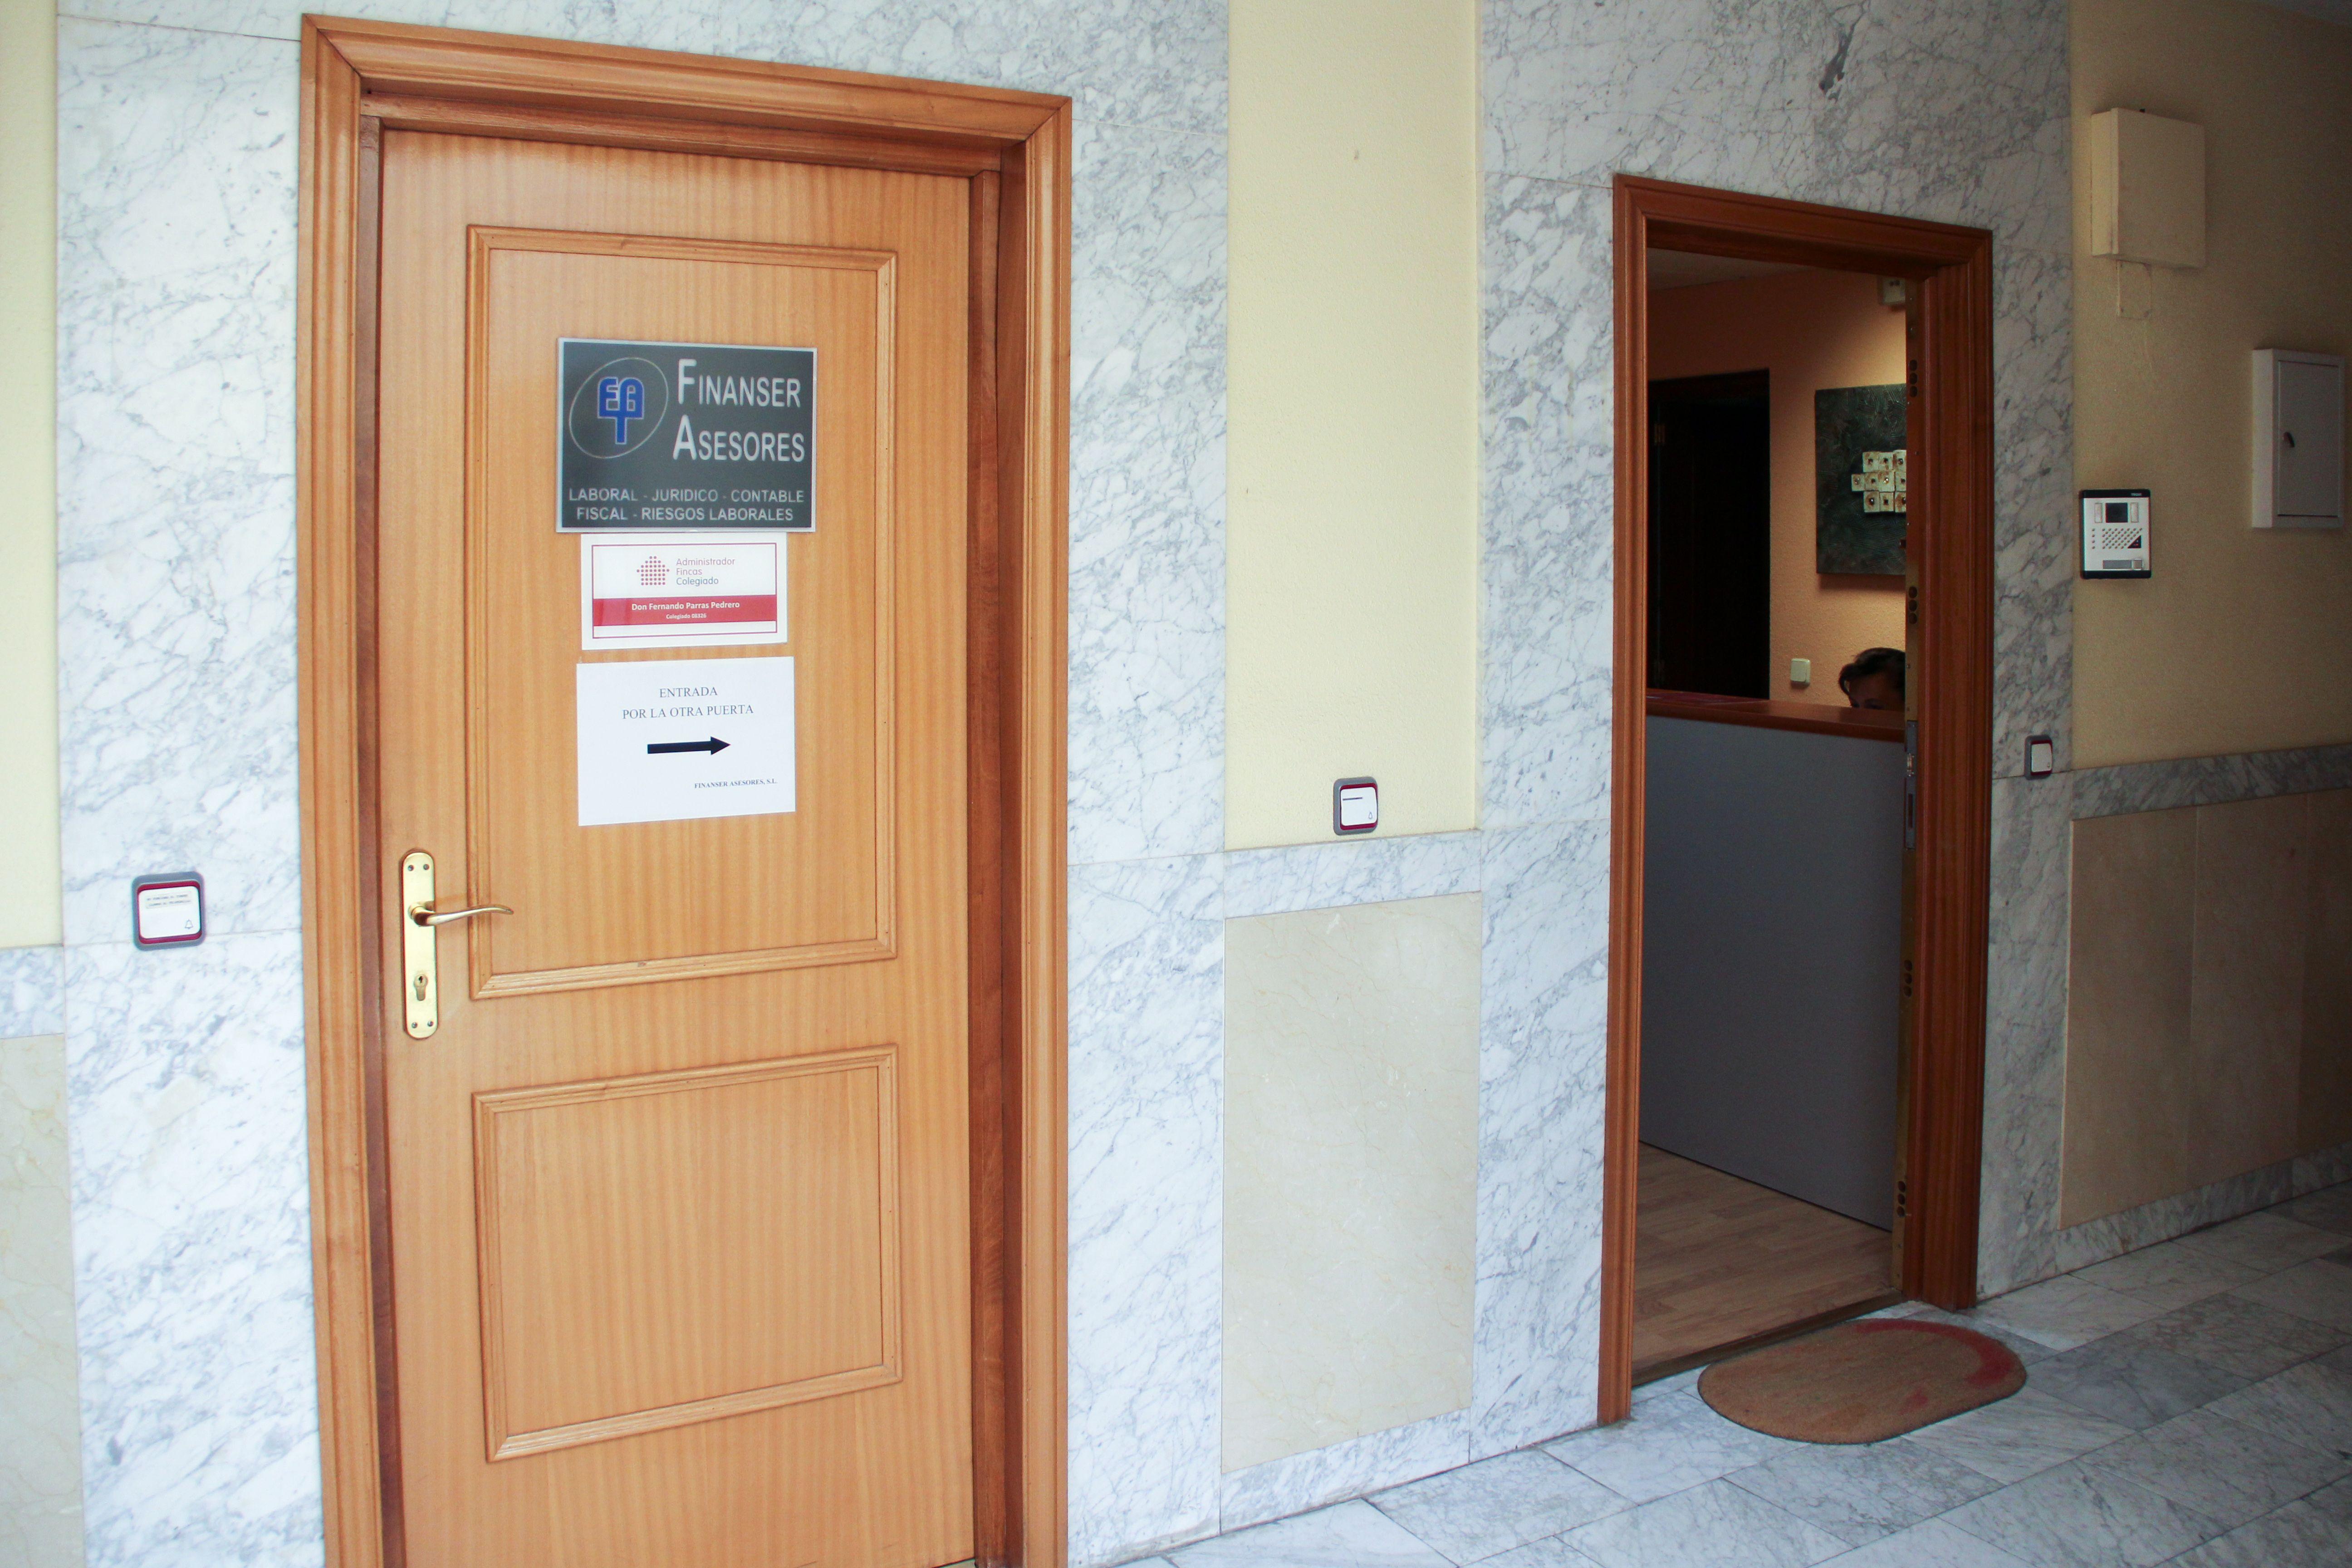 Puerta Finanser Asesores